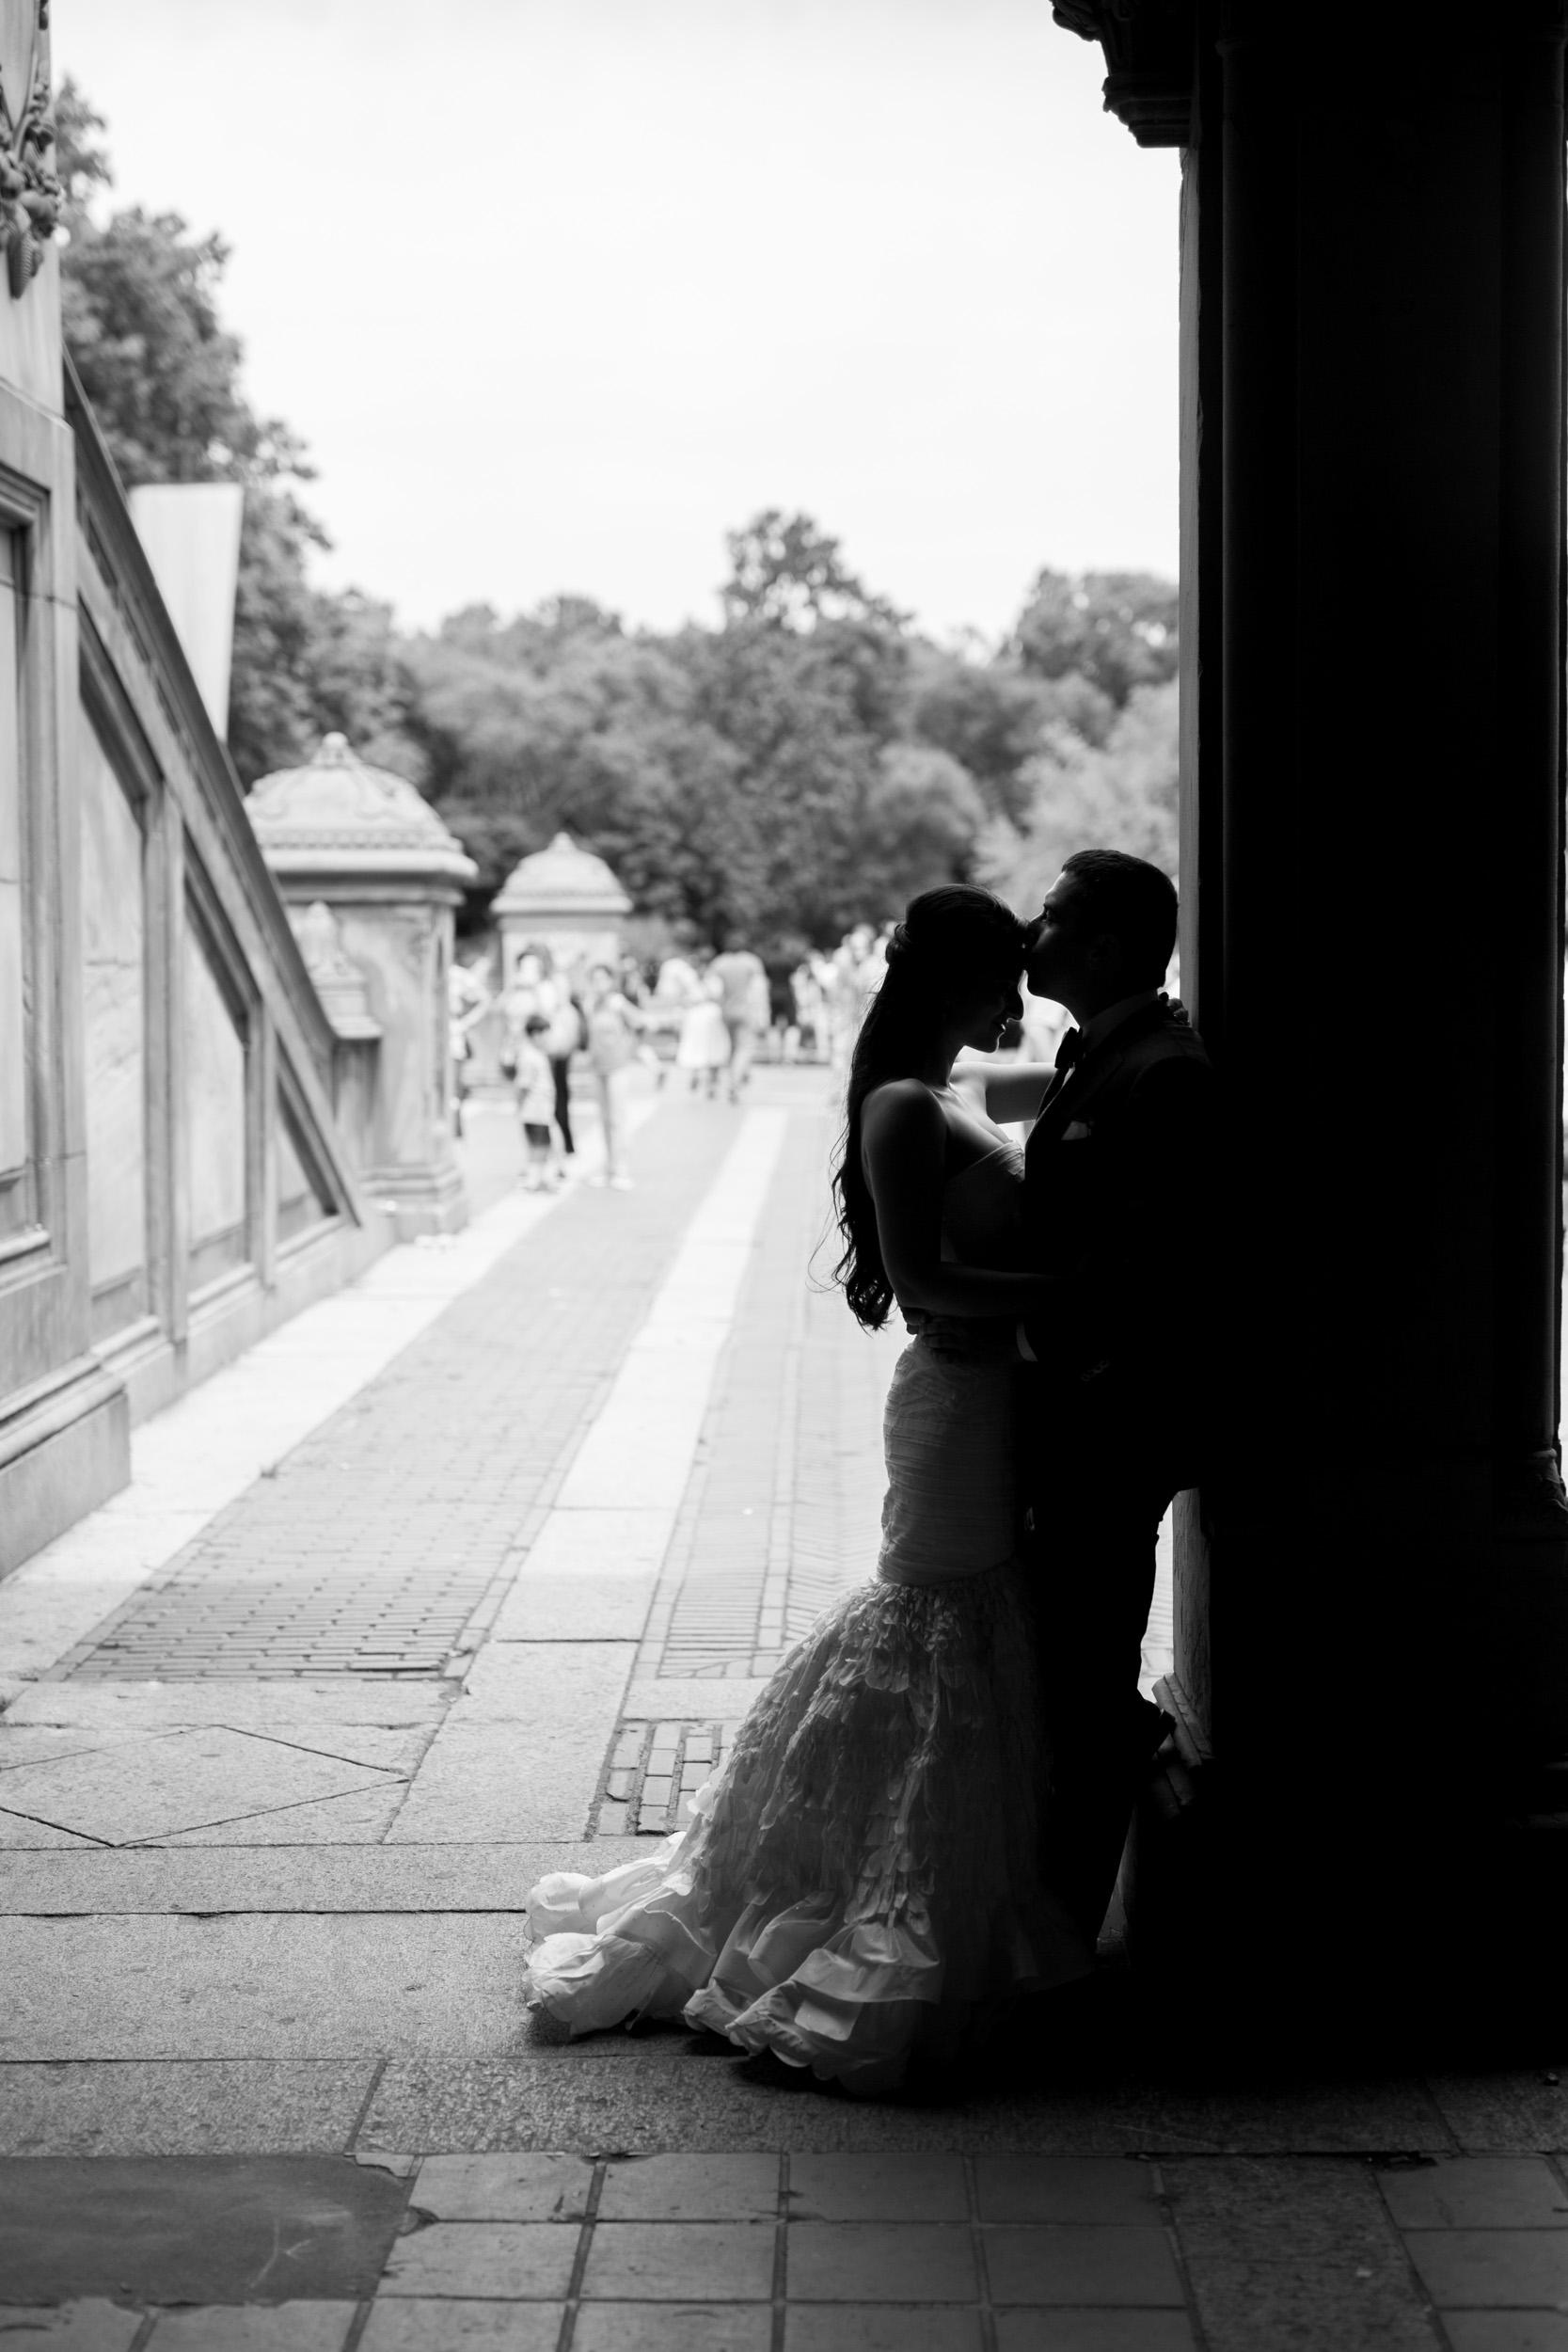 chicago-wedding-photos-studio-this-is-jack-schroeder-53.jpg